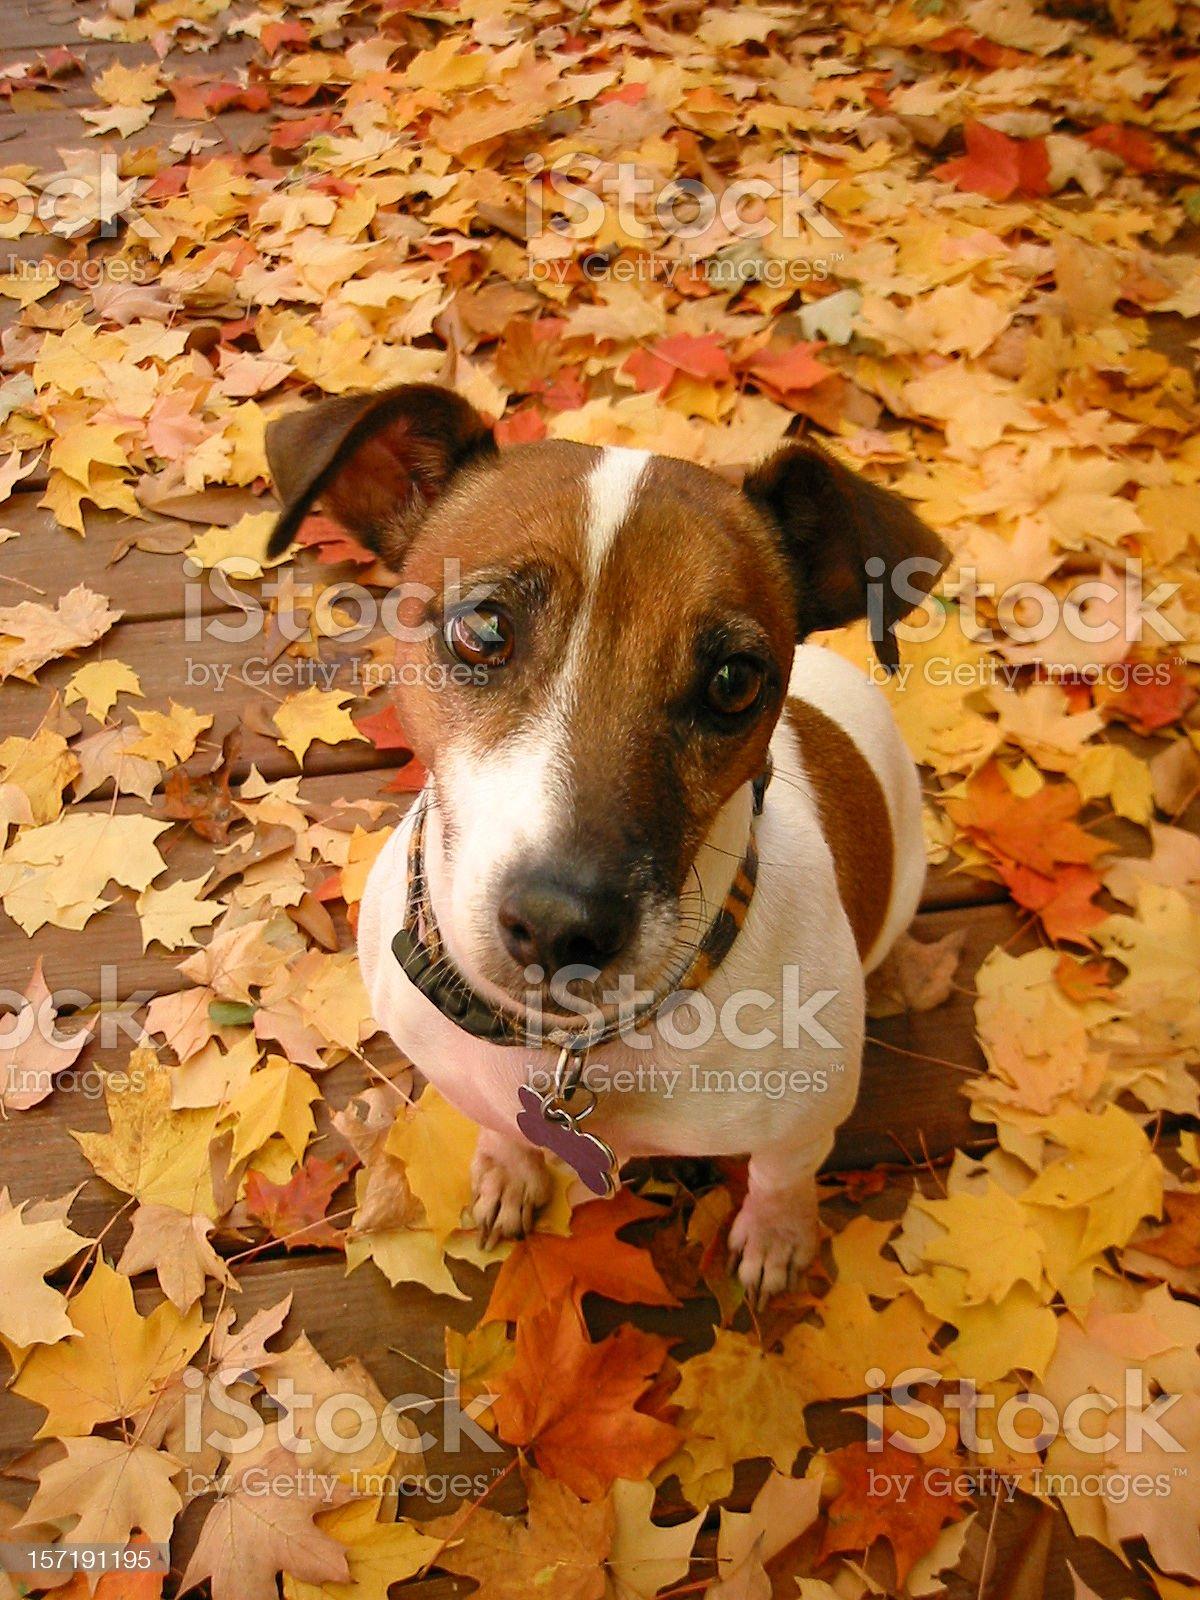 Thinking Dog royalty-free stock photo